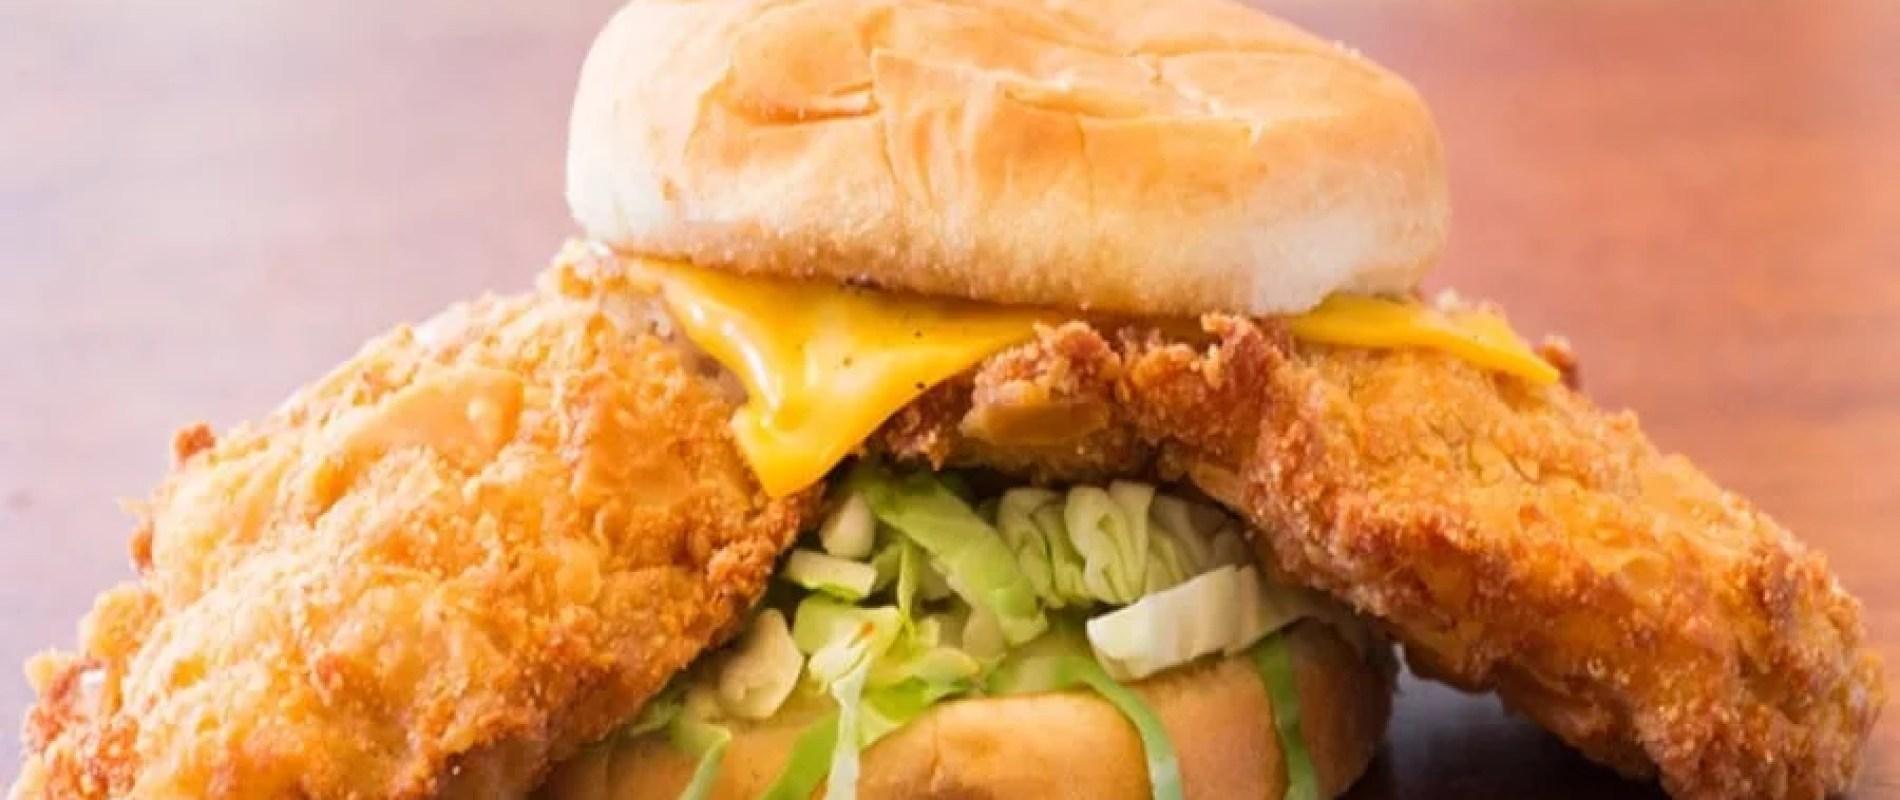 Sandwich à la cervelle frite